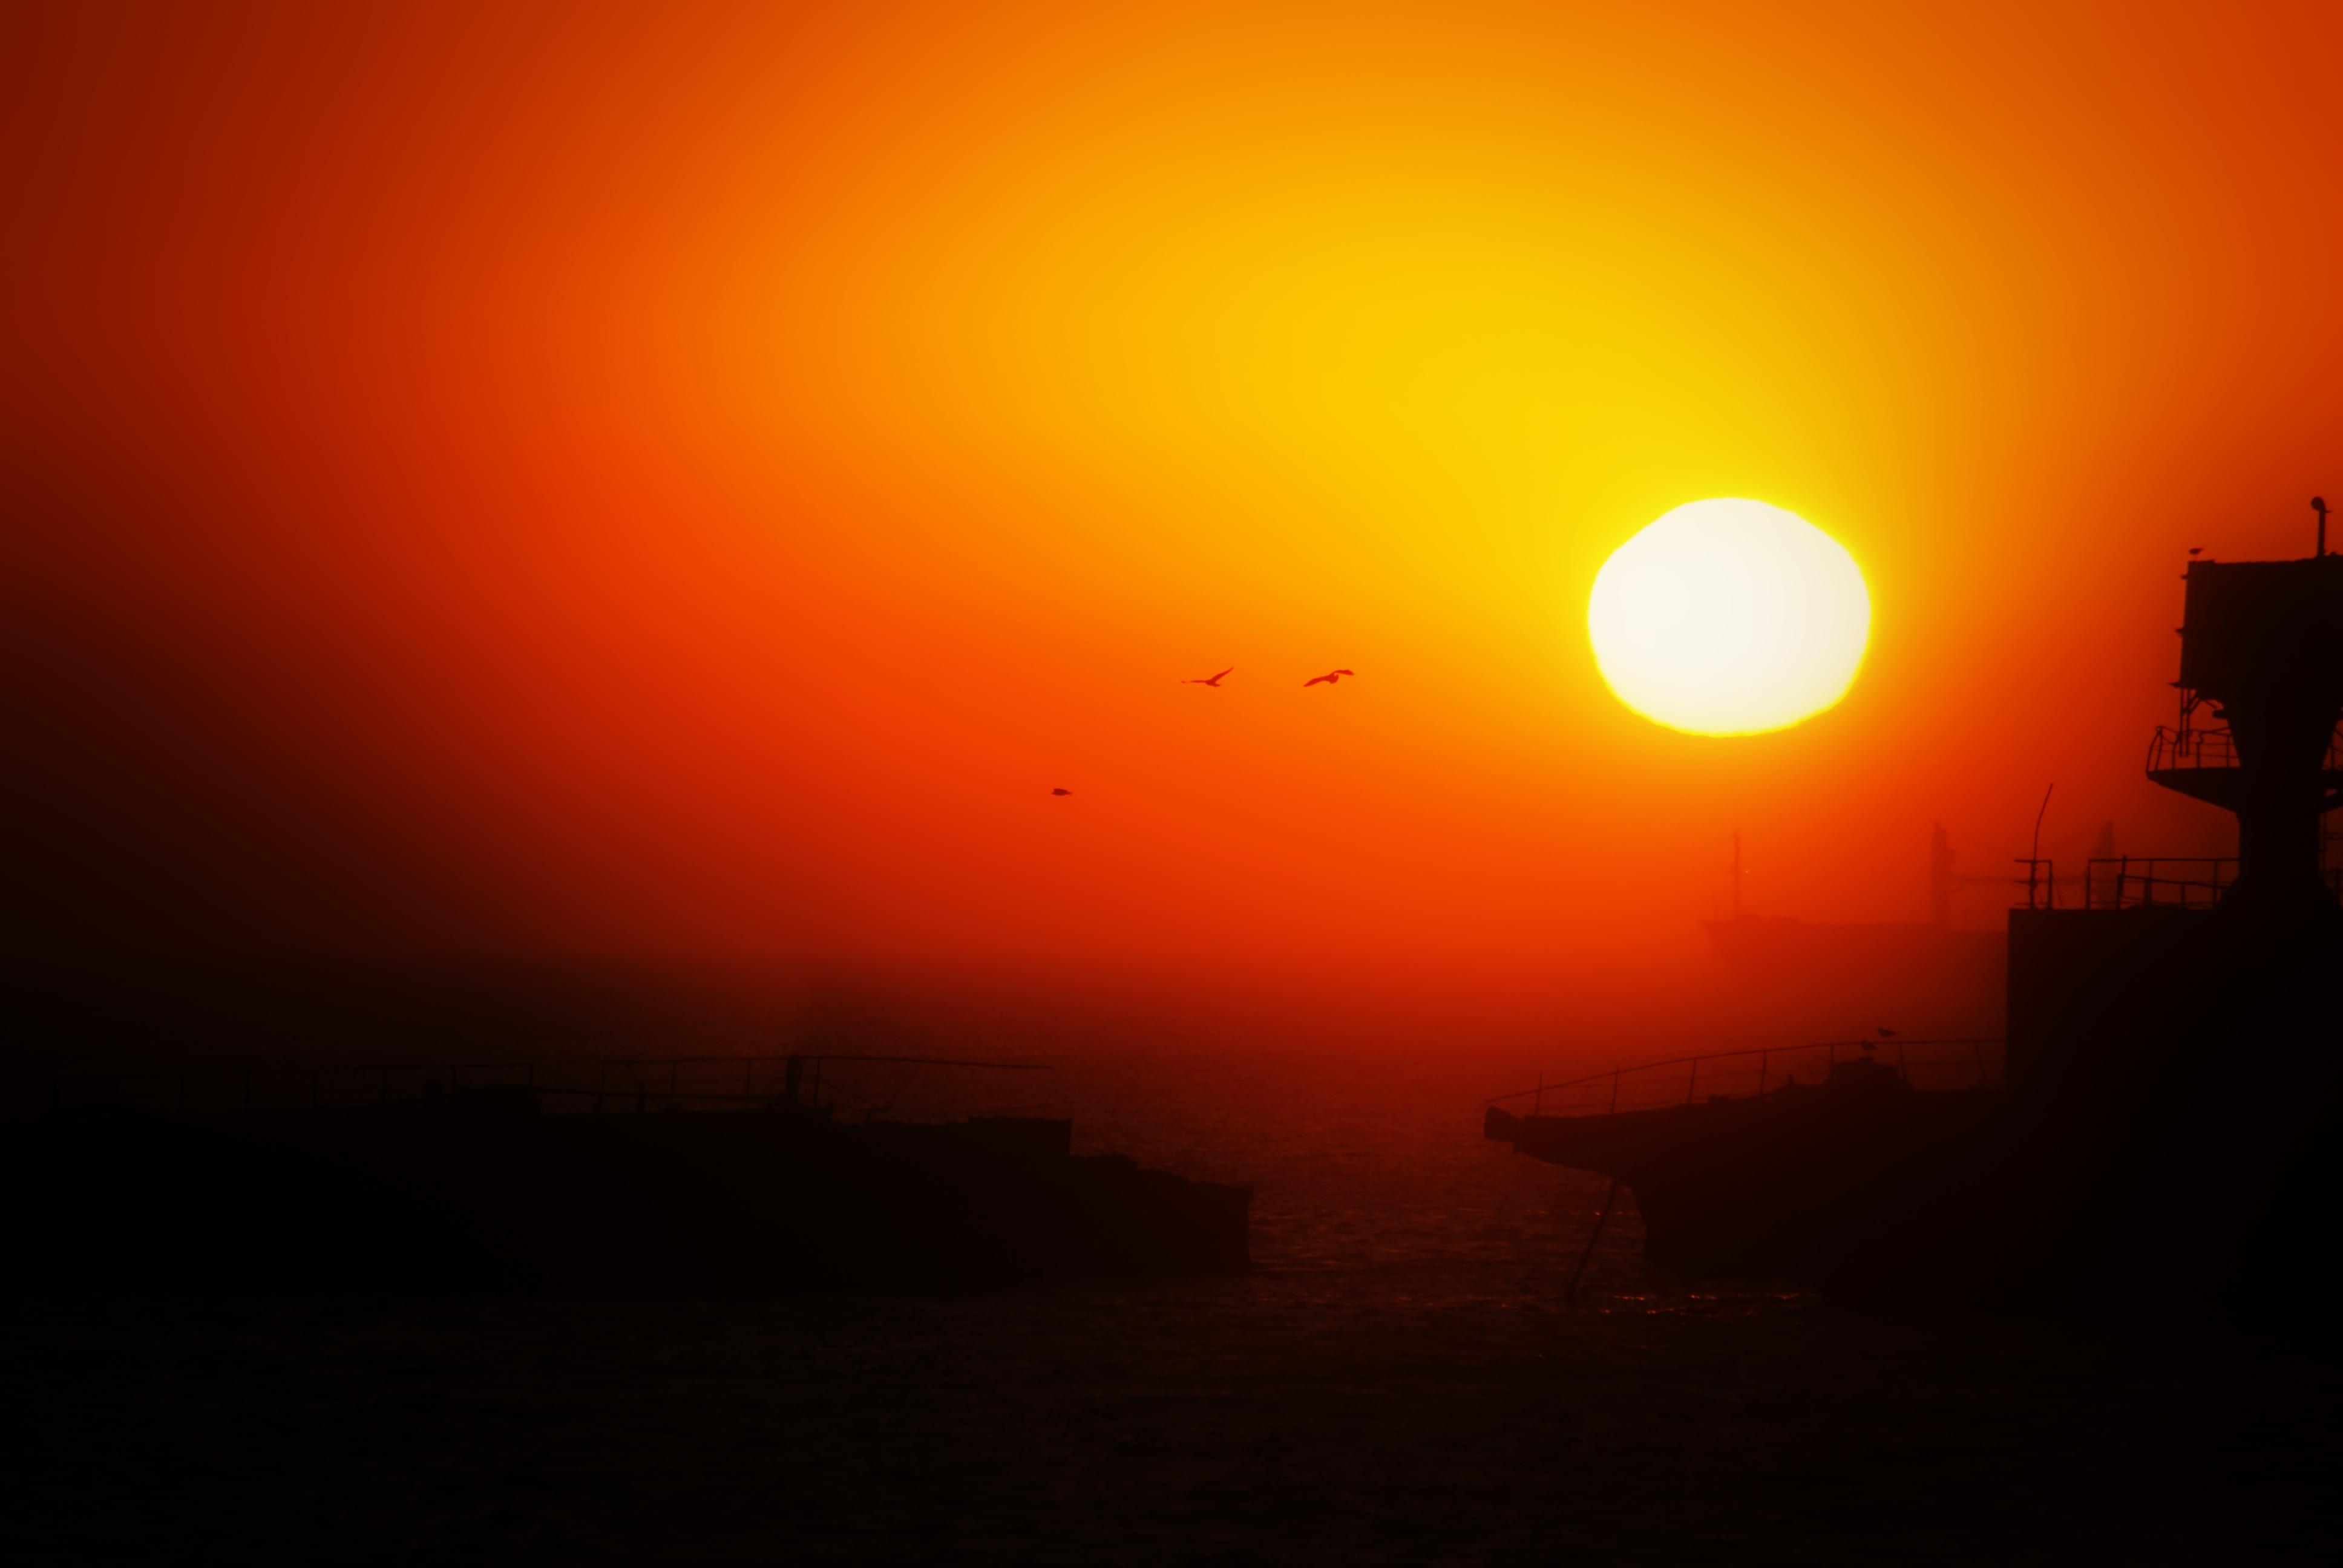 Shipwreck sun photo